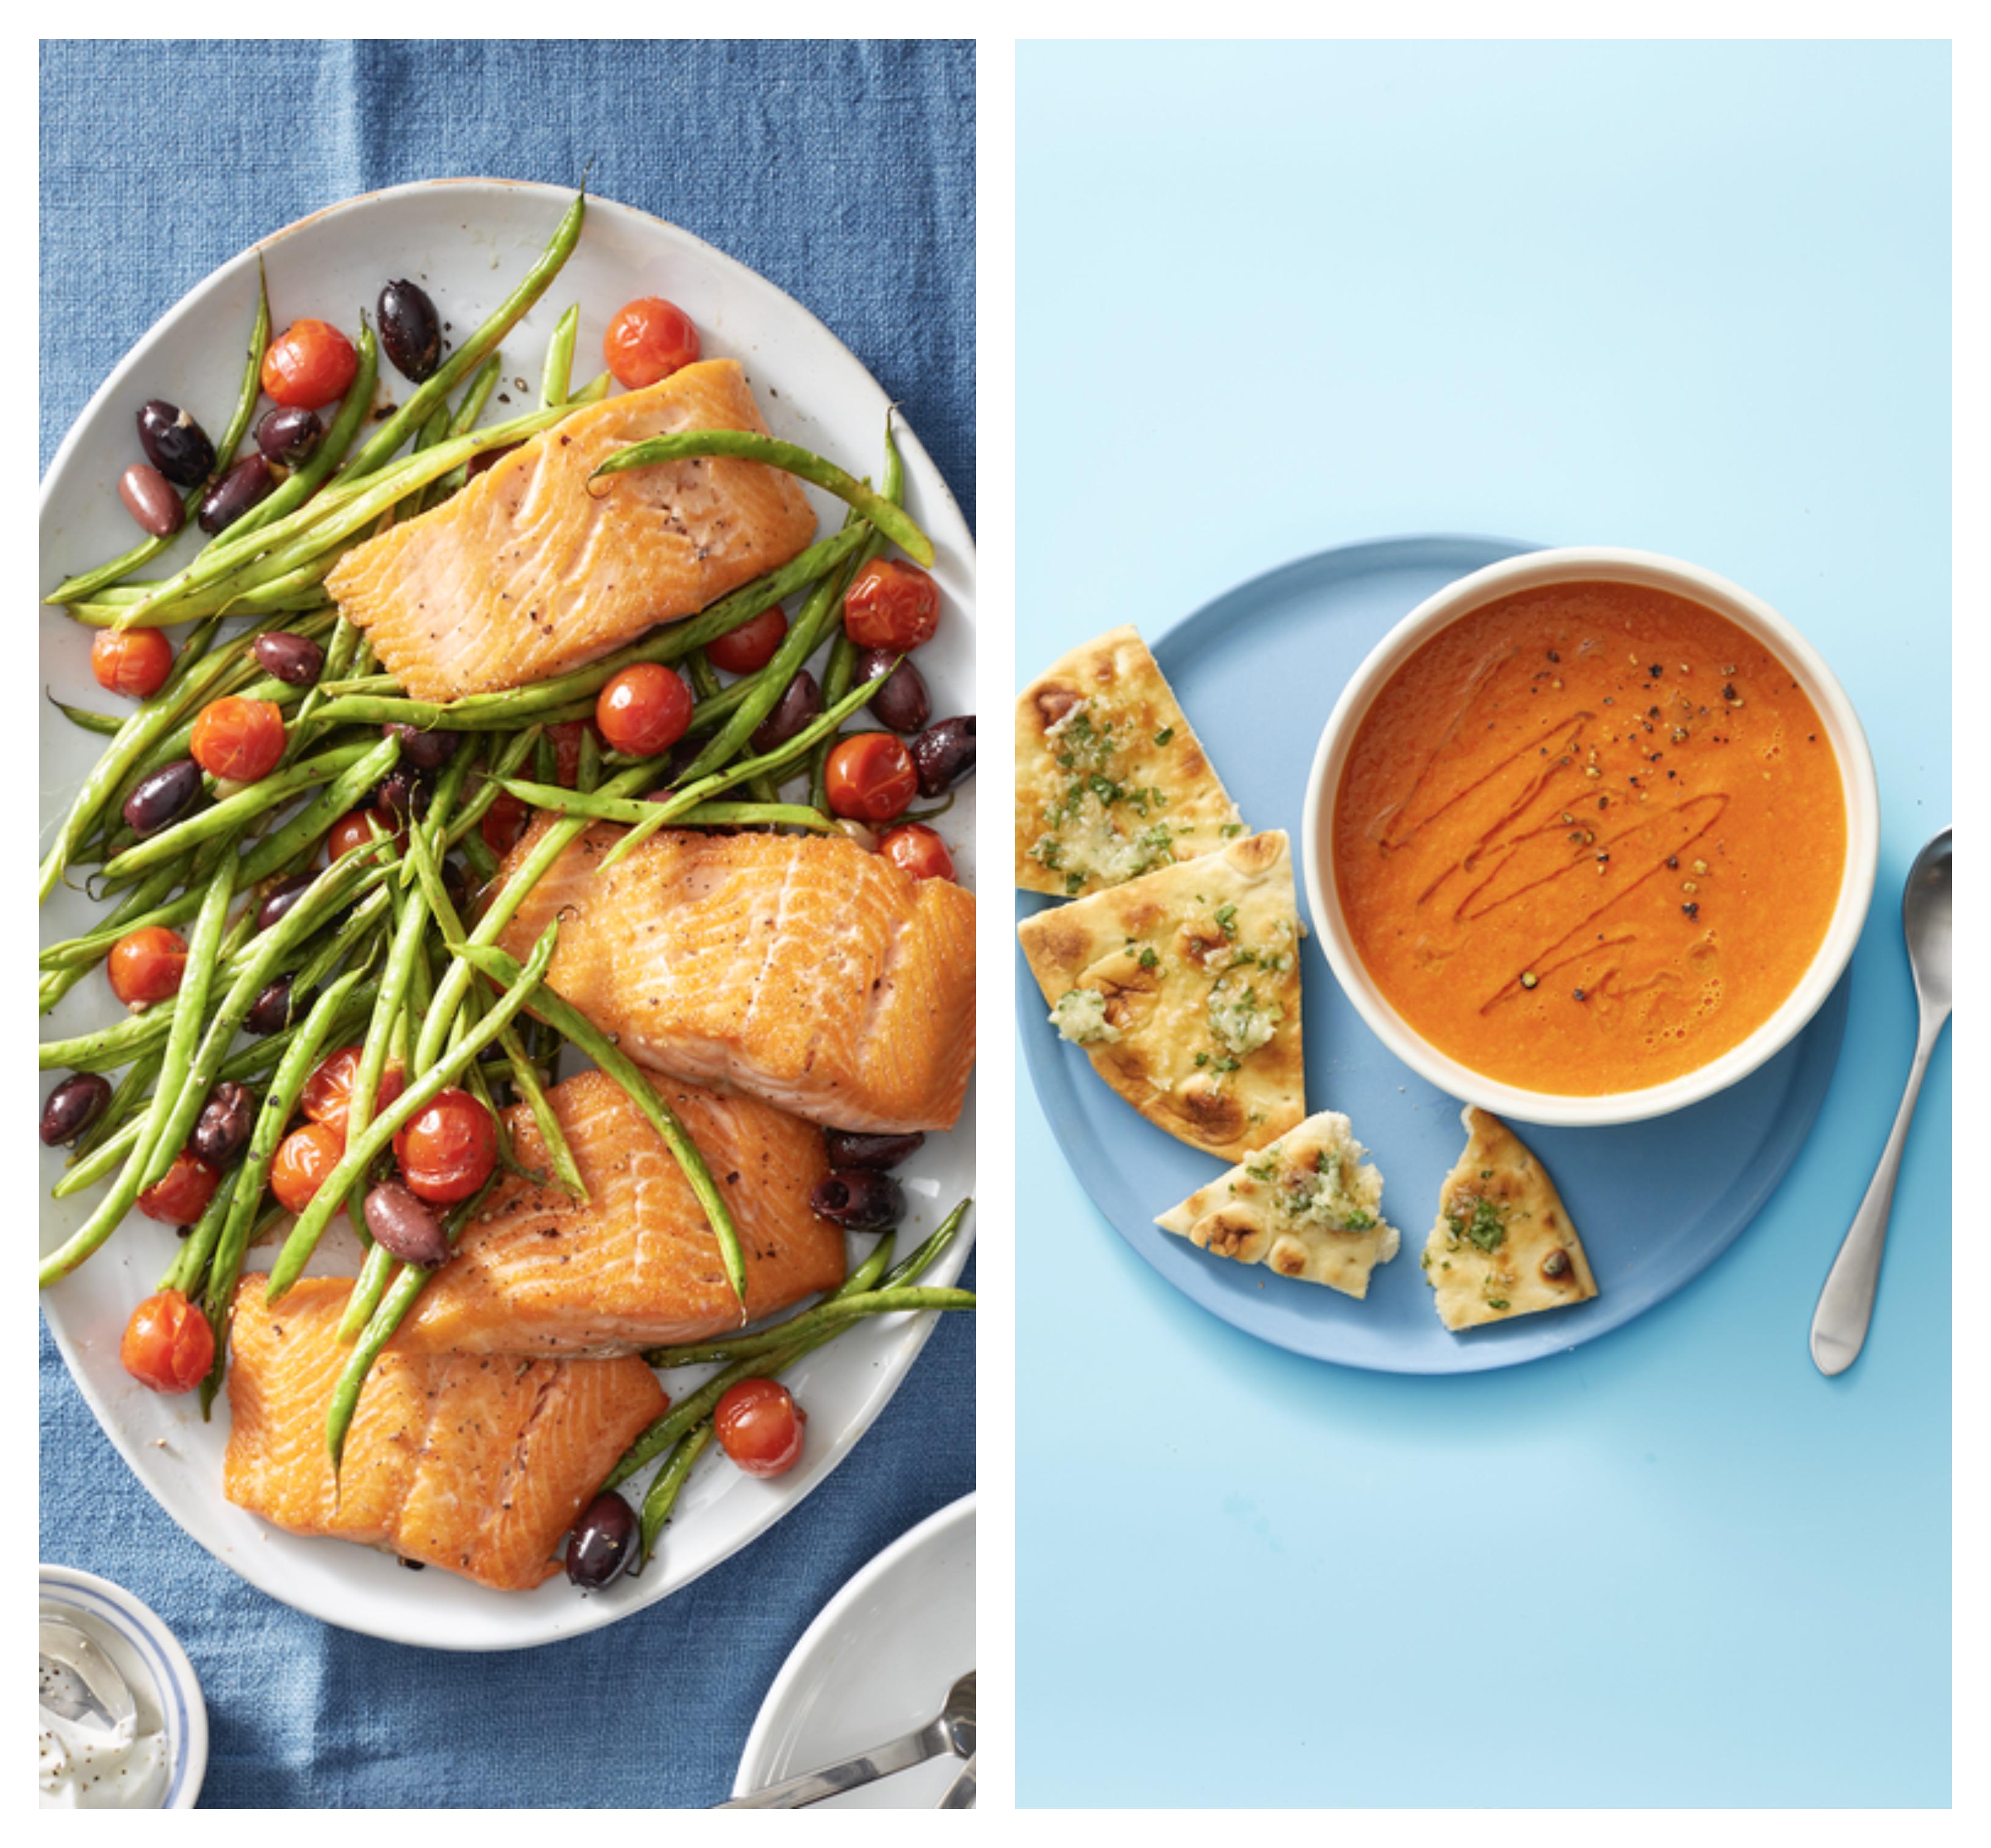 alucinantes ideas de recetas bajas en calorias para toda la familia, comidas bajas en calorías para cenar en verano